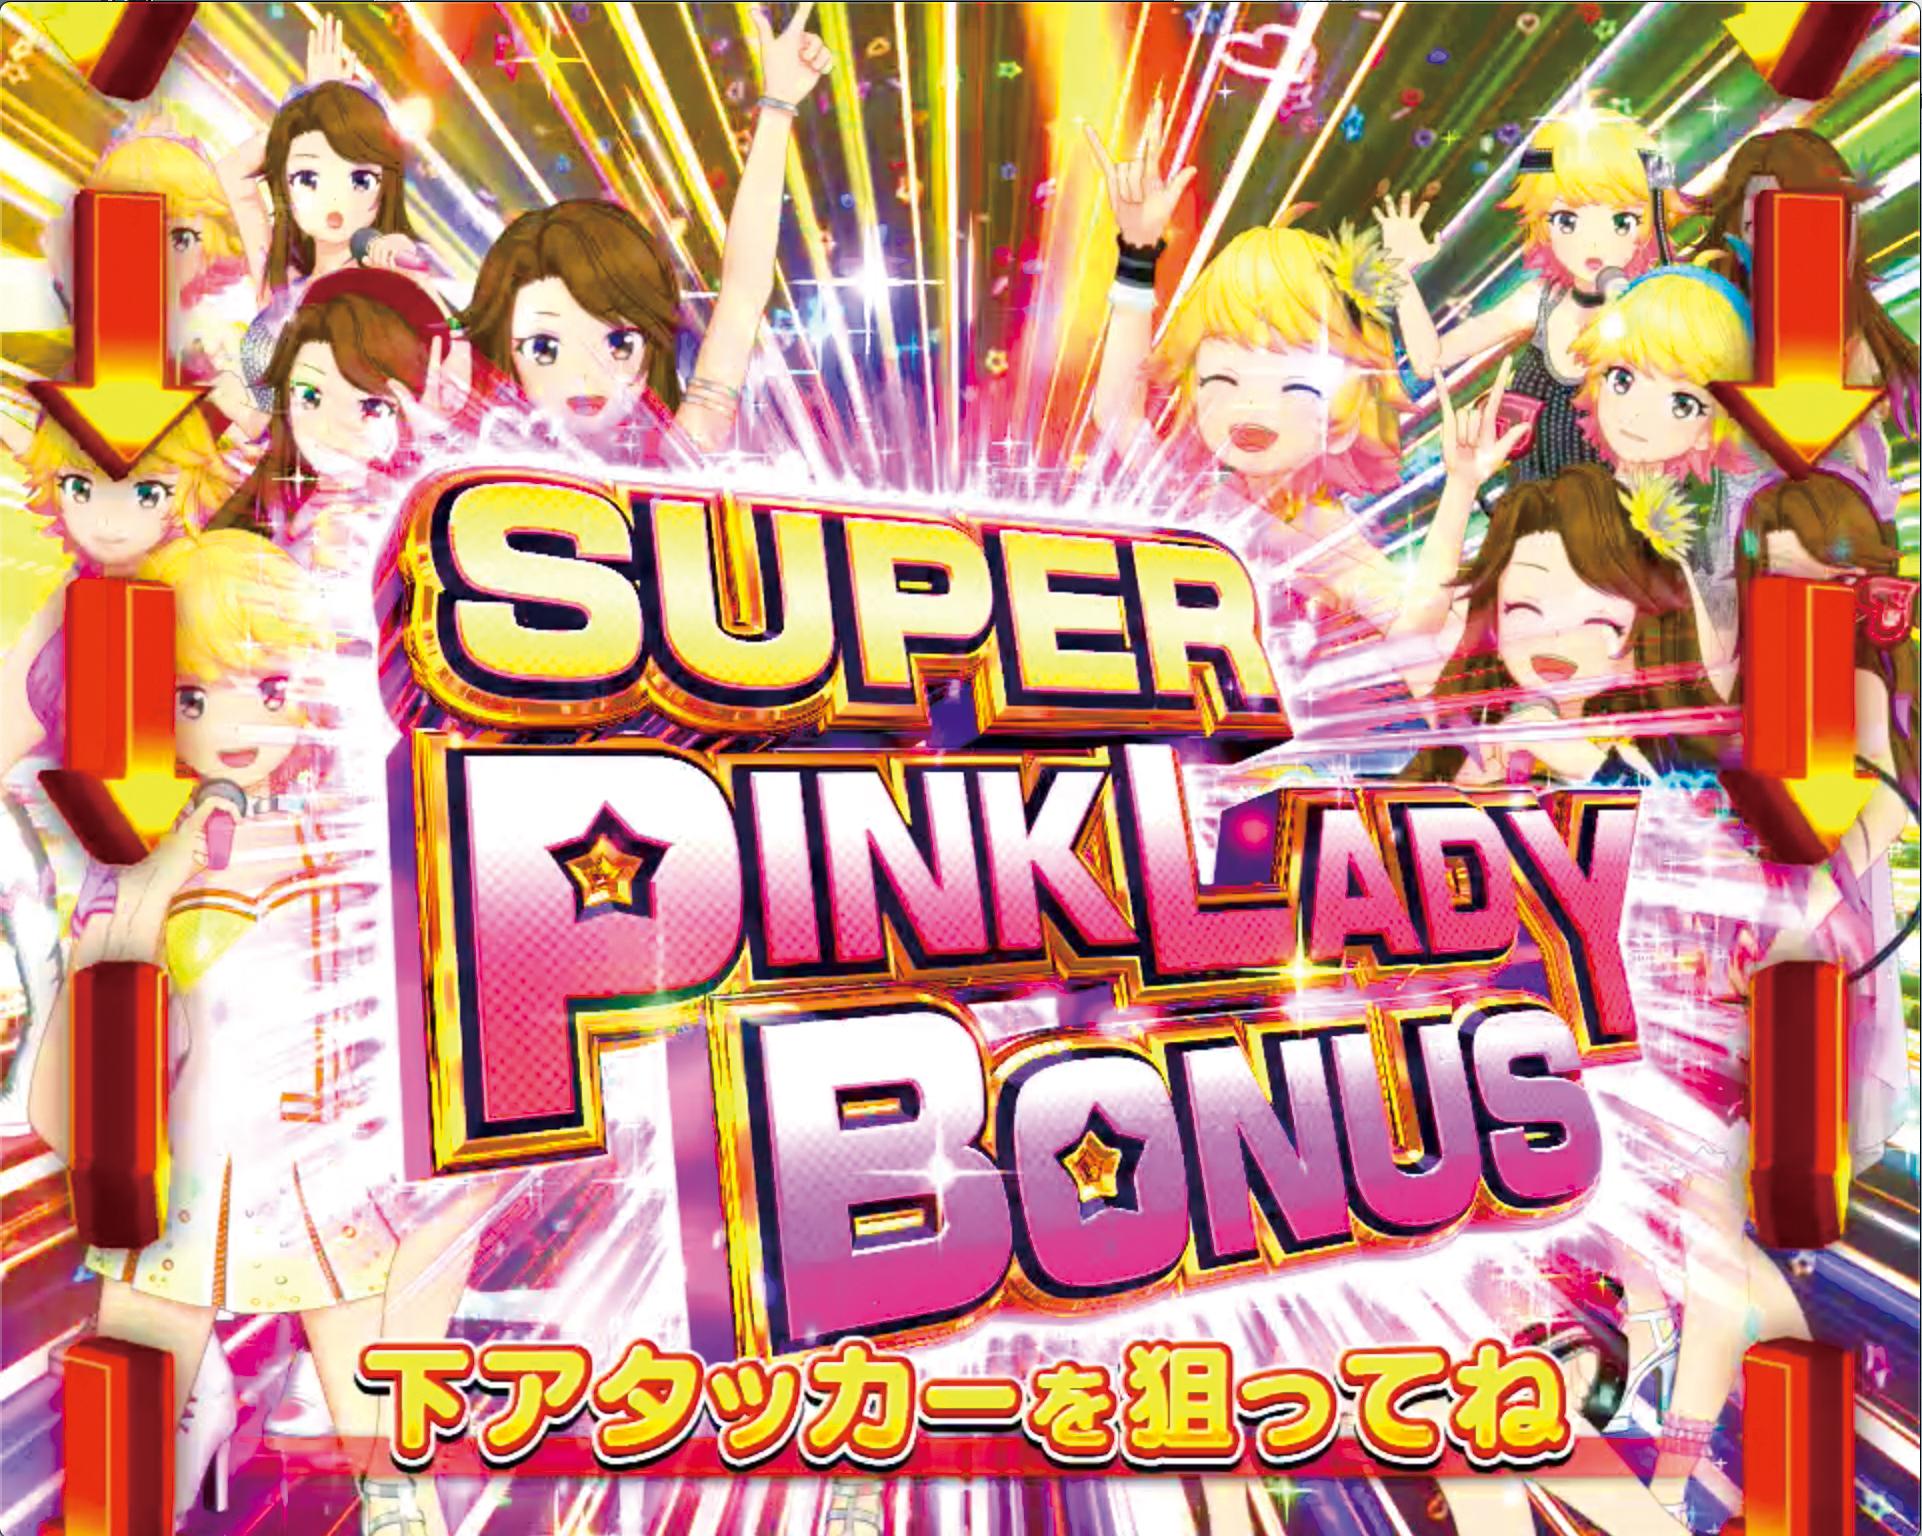 ぱちんこピンク・レディー 甘デジのSUPER PINKLADY BONUS画像